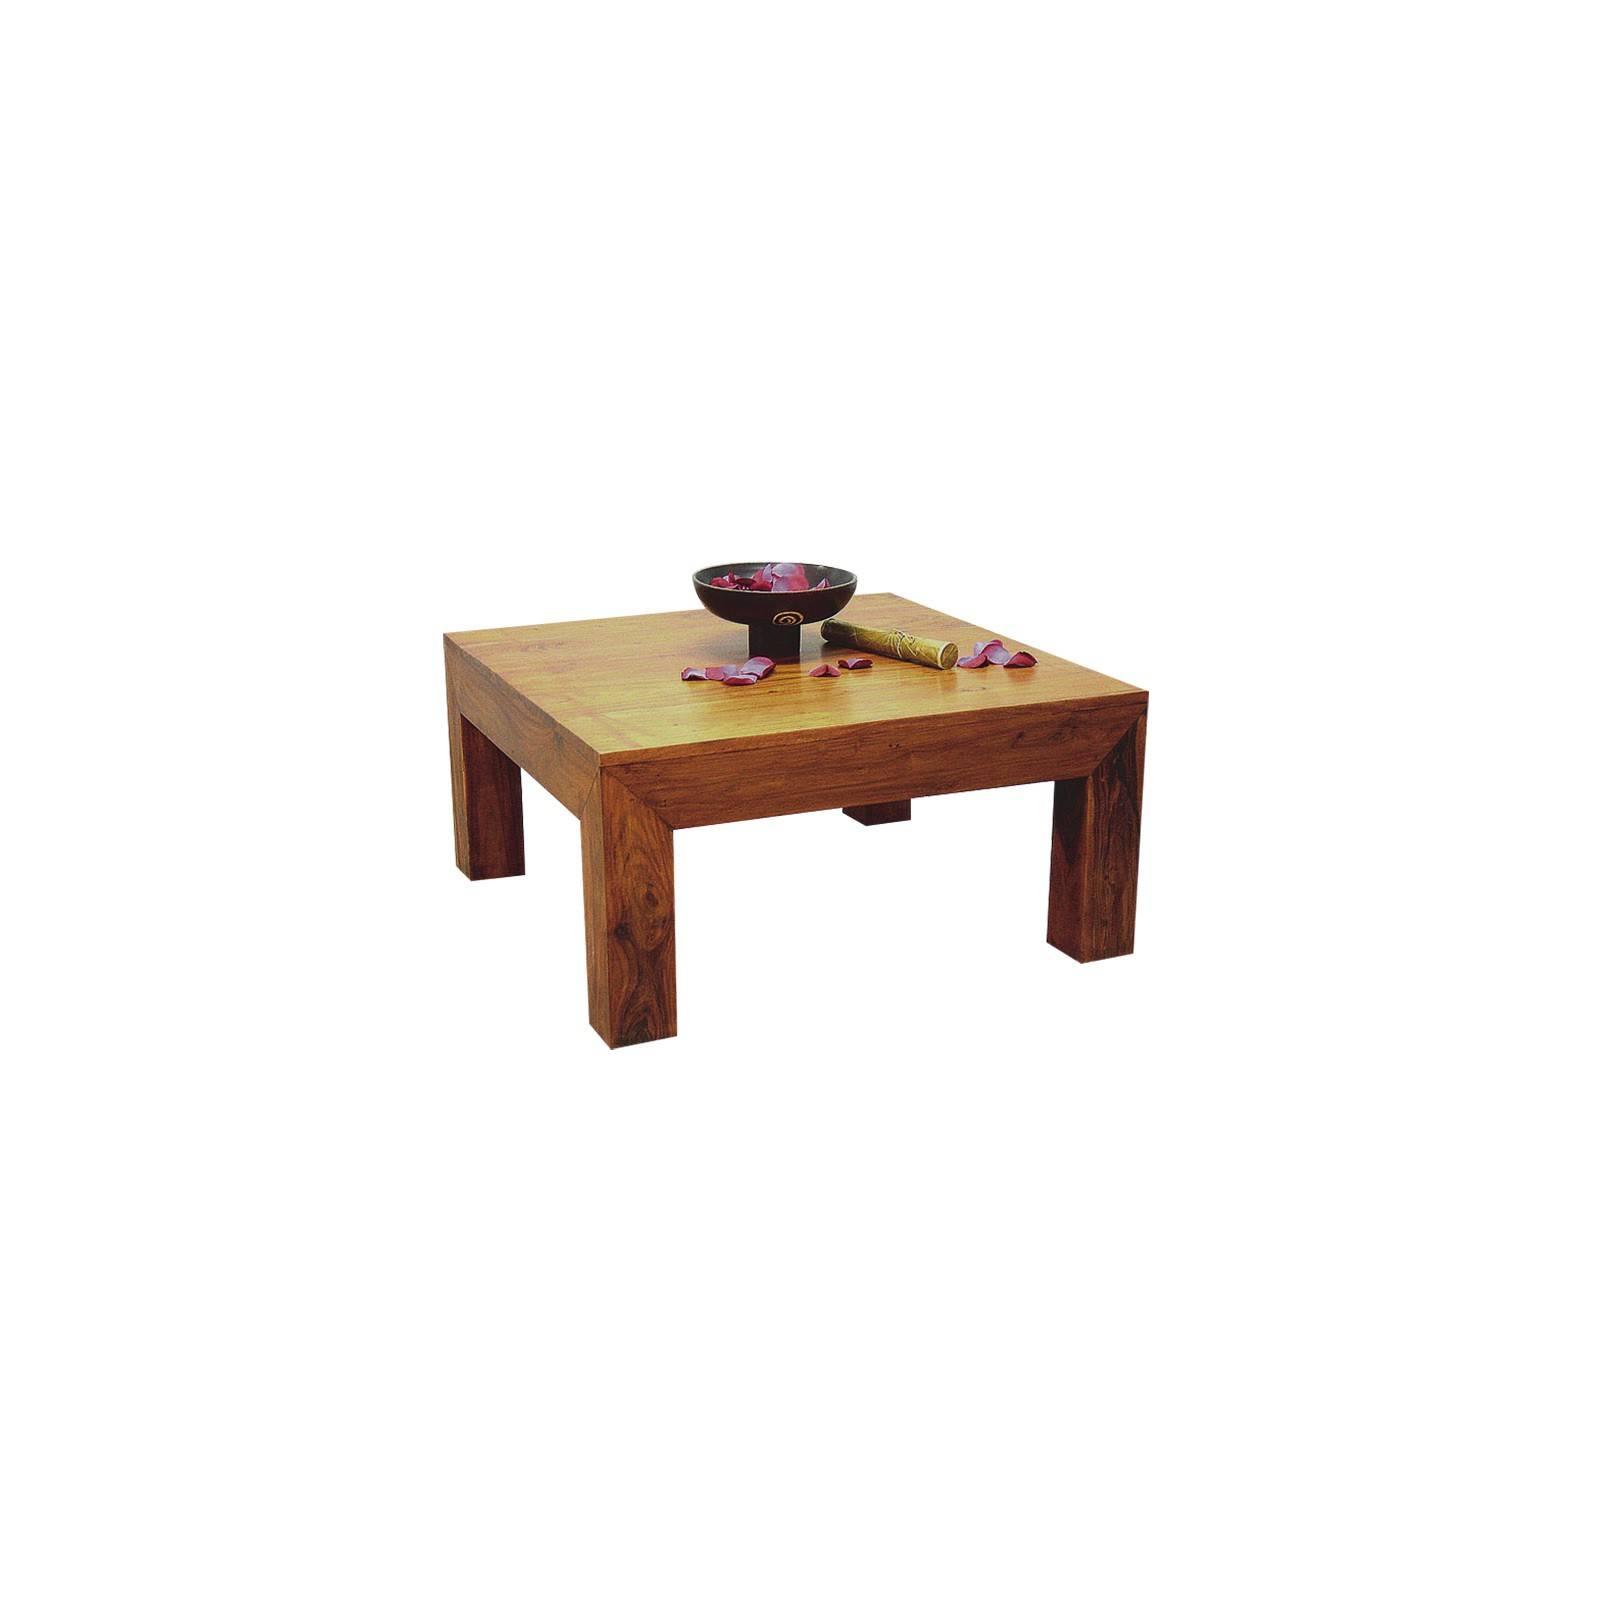 Table basse exotique Palissandre Zen